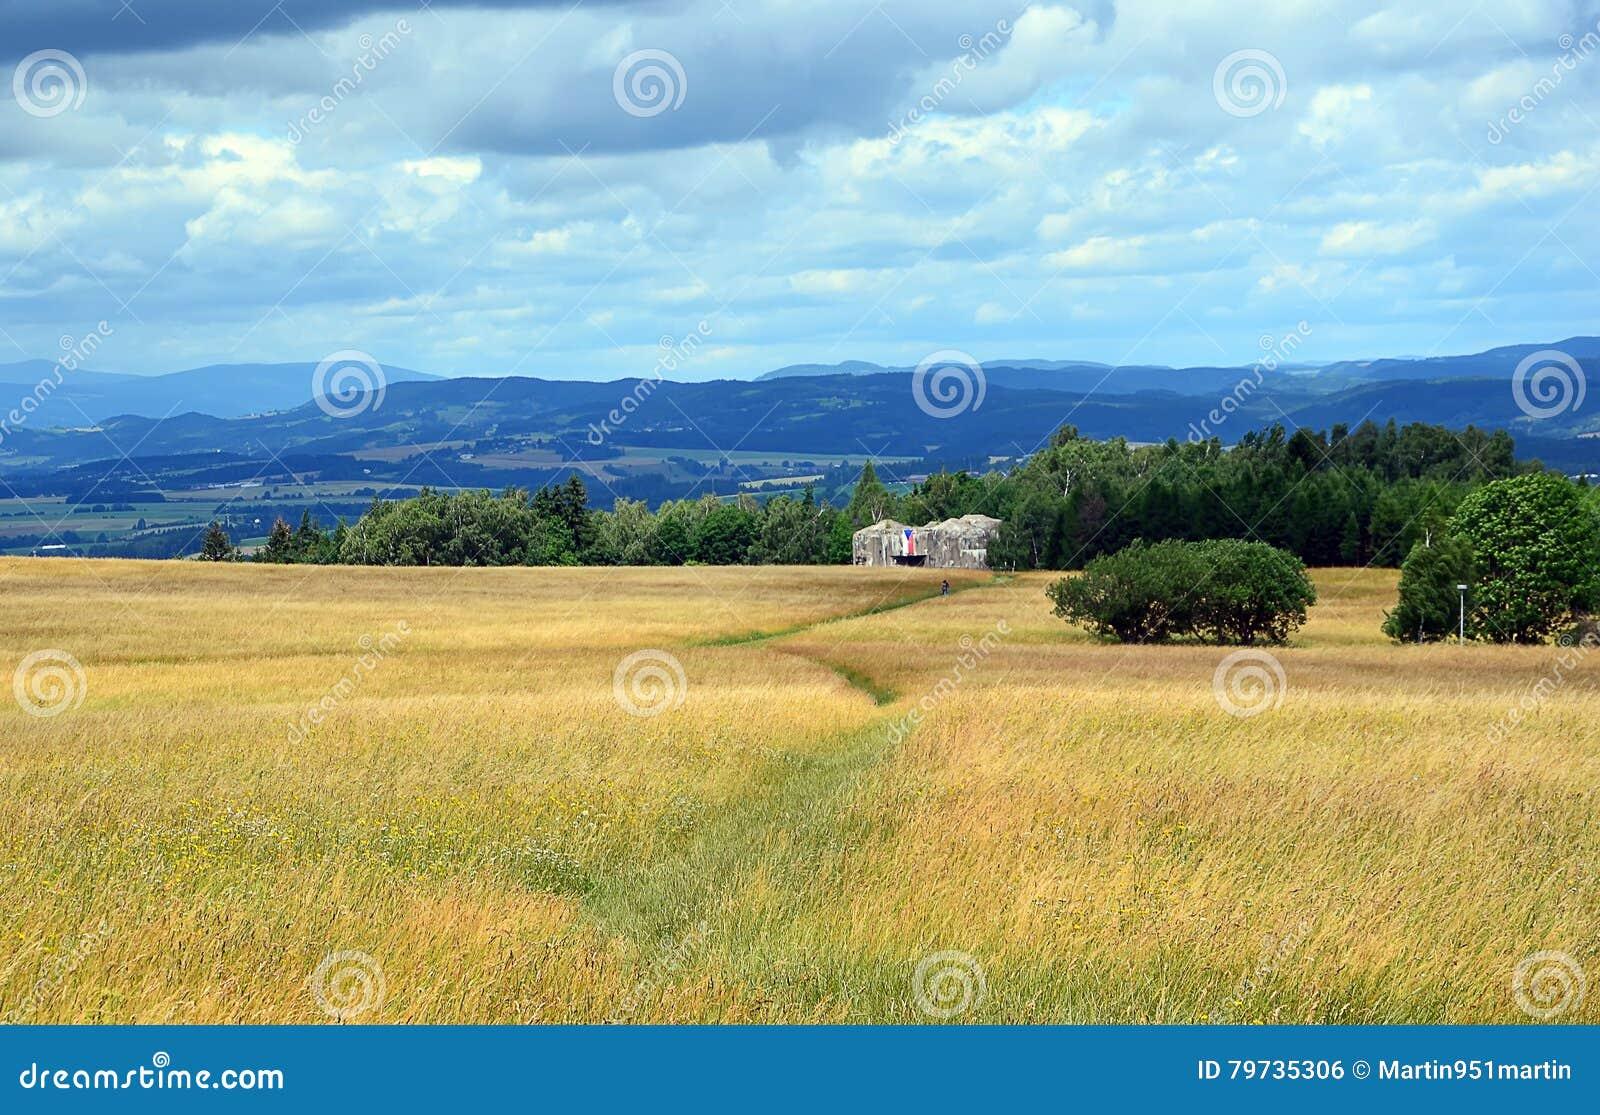 Paisaje colorido con el campo y cielo y fortaleza militar vieja